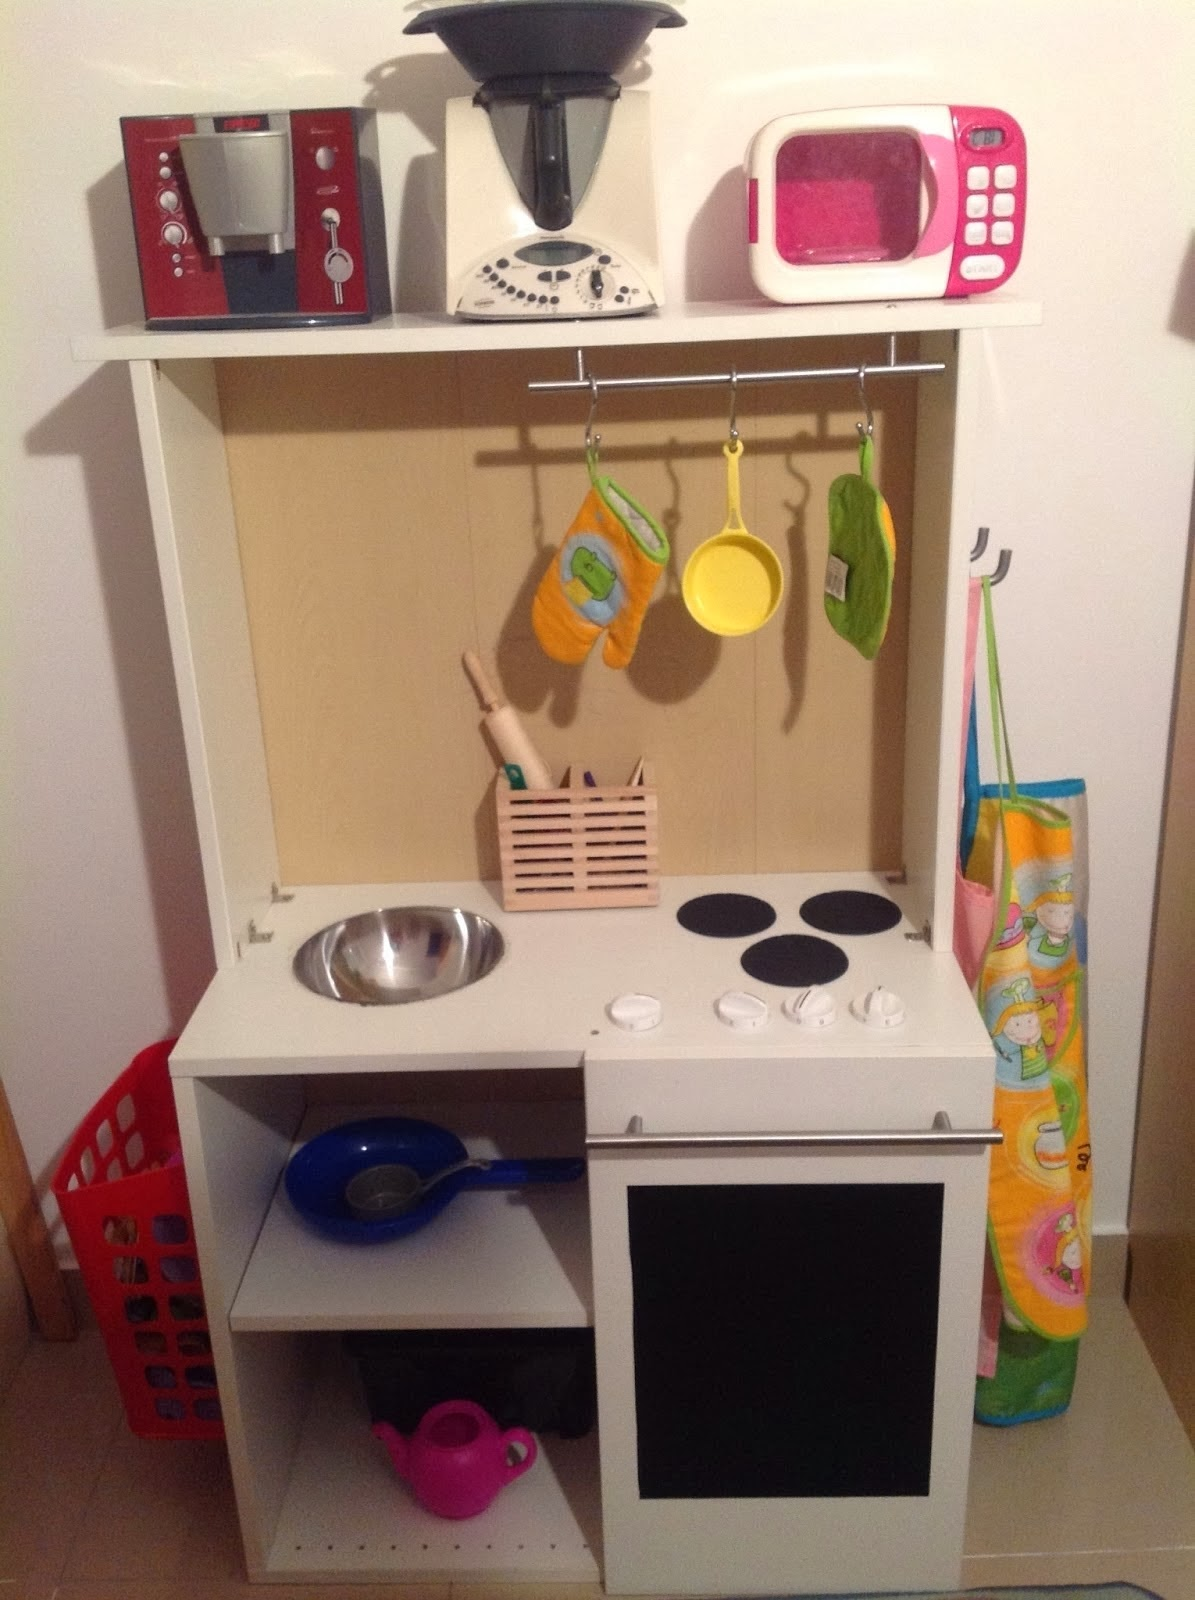 Una cocina de juguete en un mueble faktum mi llave allen for Cocina ninos juguete